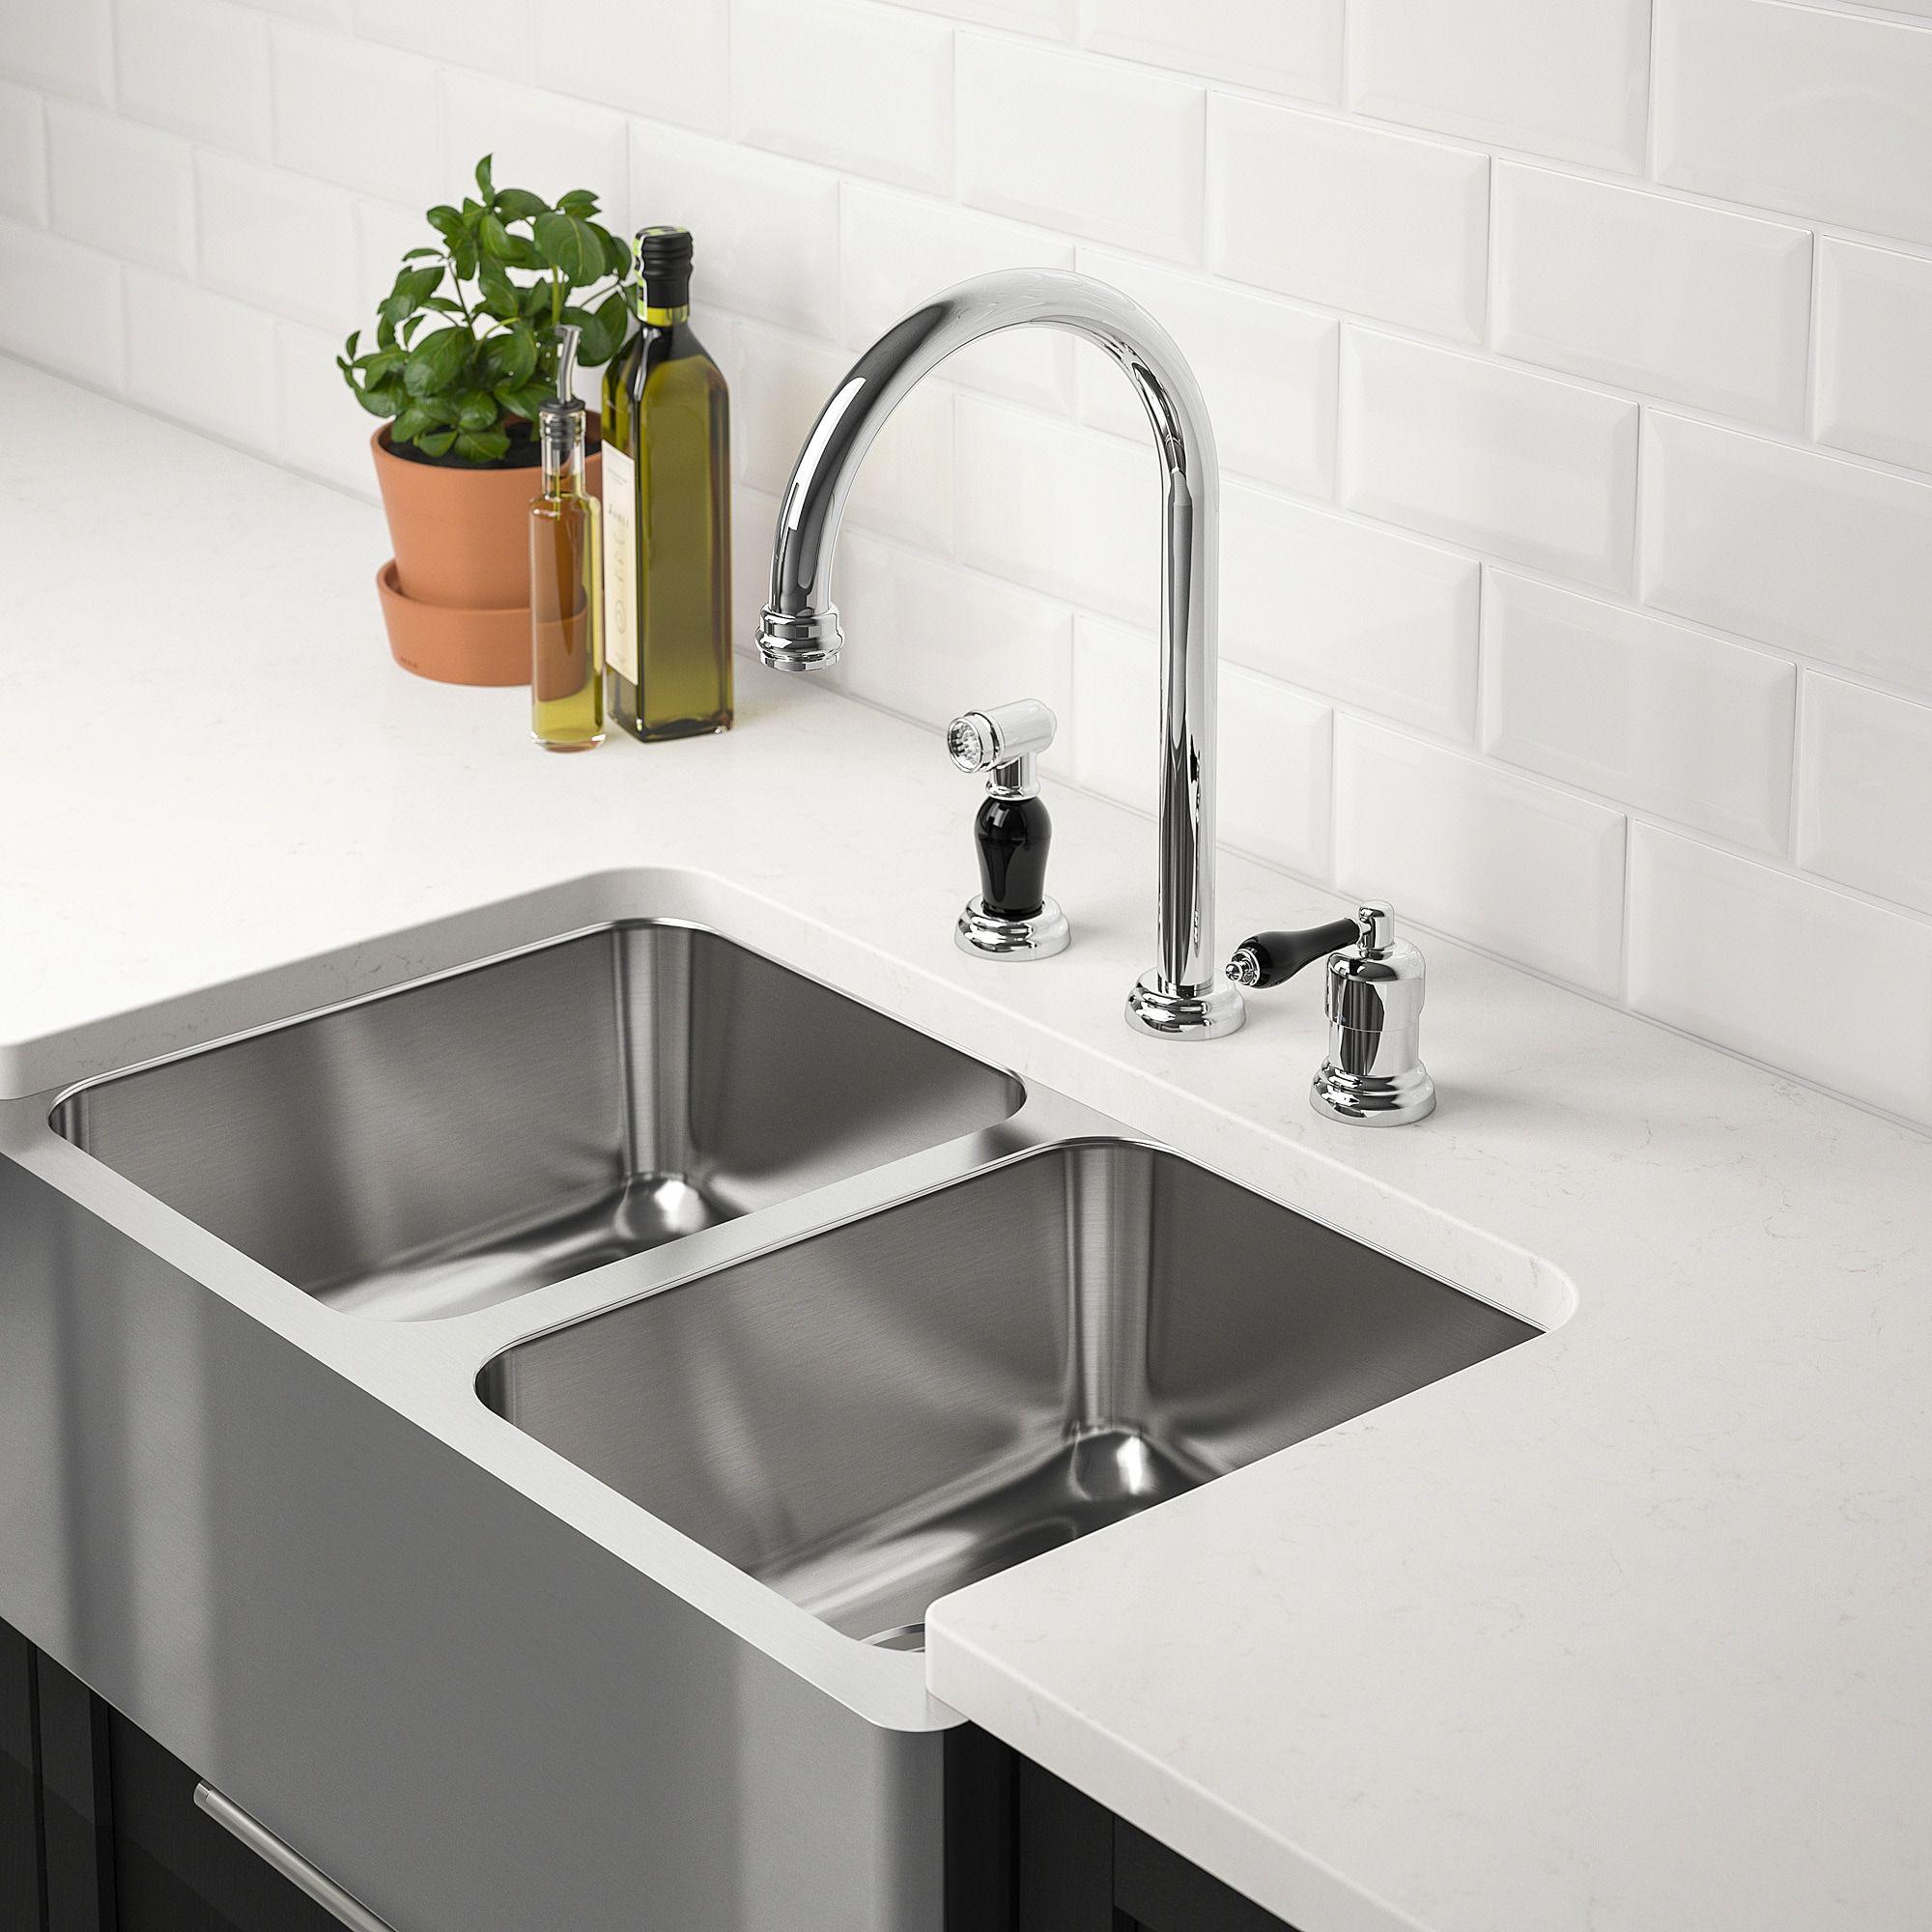 Ikea Bredsjon Under Glued Stainless Steel Apron Front Double Bowl Sink Fregaderos De Cocina Fregadero Cocinas